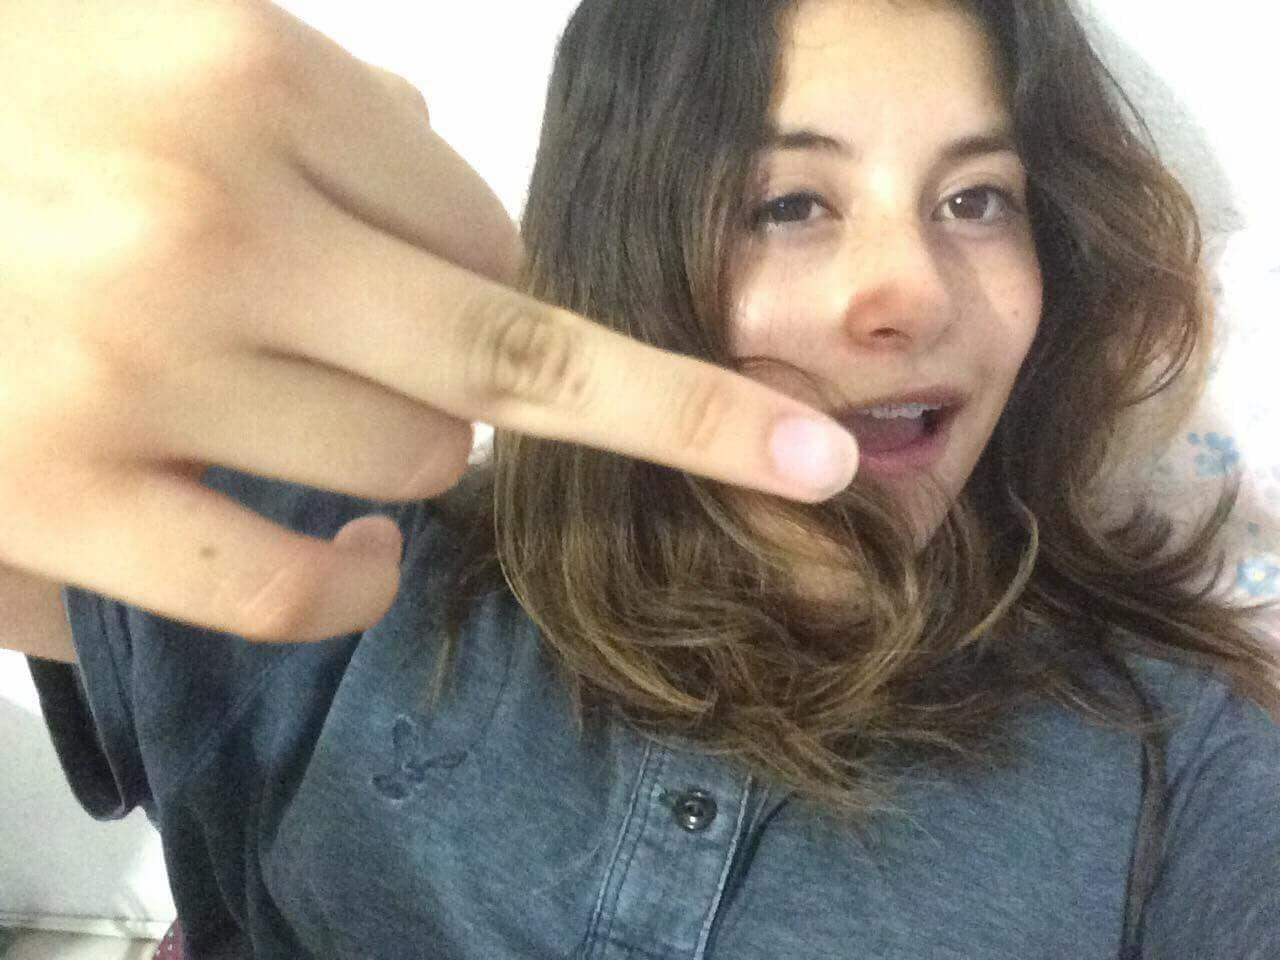 Pareja amateur de adolescentes +NUDES Y 15 VIDEOS COGIENDO 3